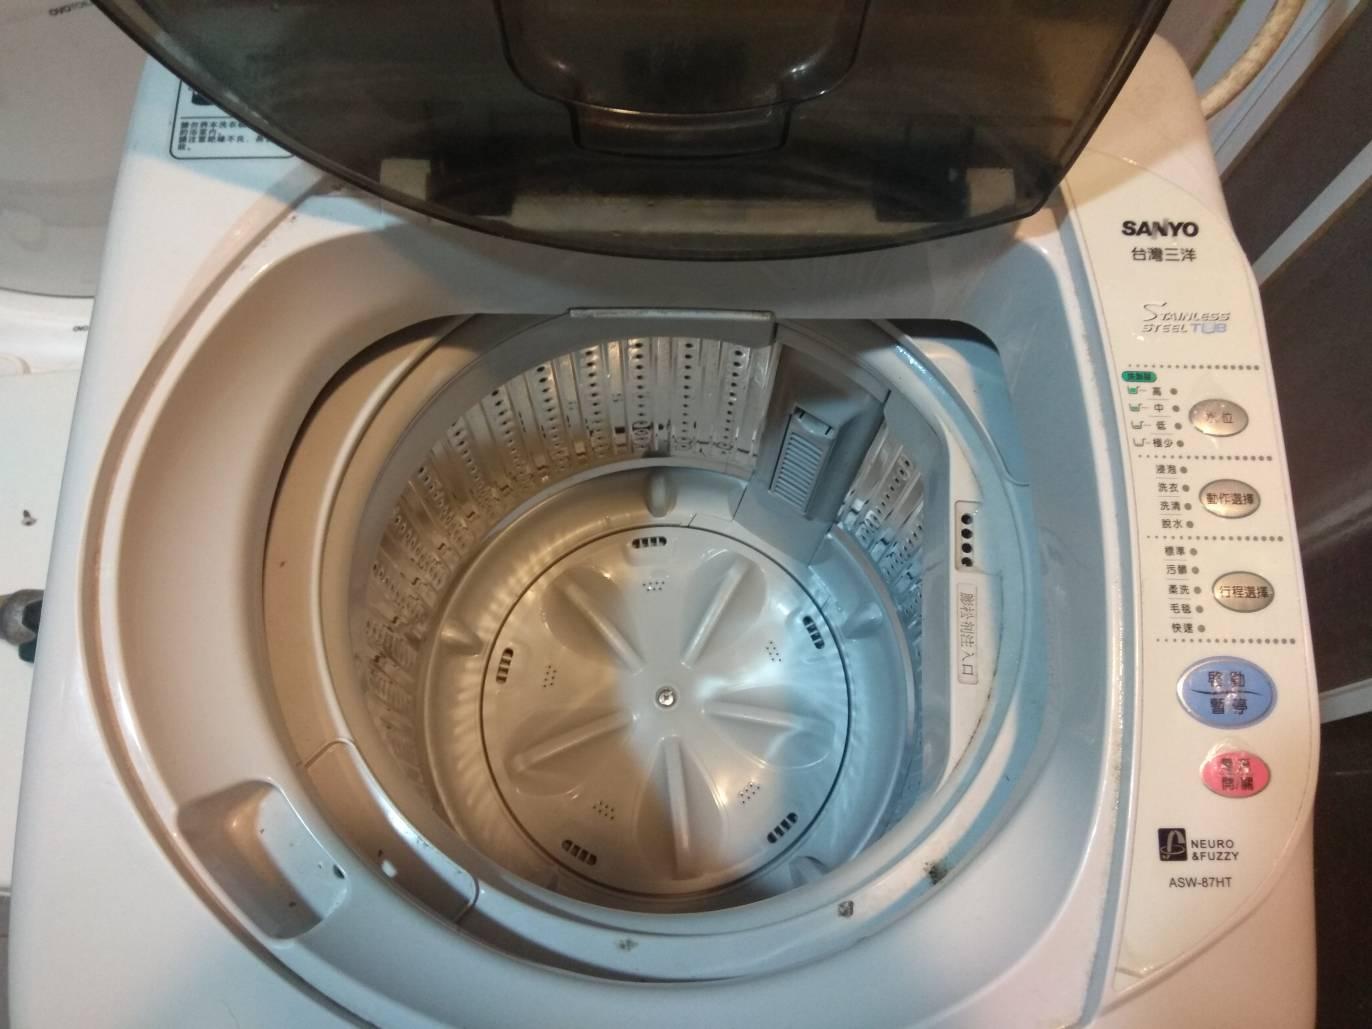 高動維修: 三洋 洗衣機 ASW-87HT 脫水不動